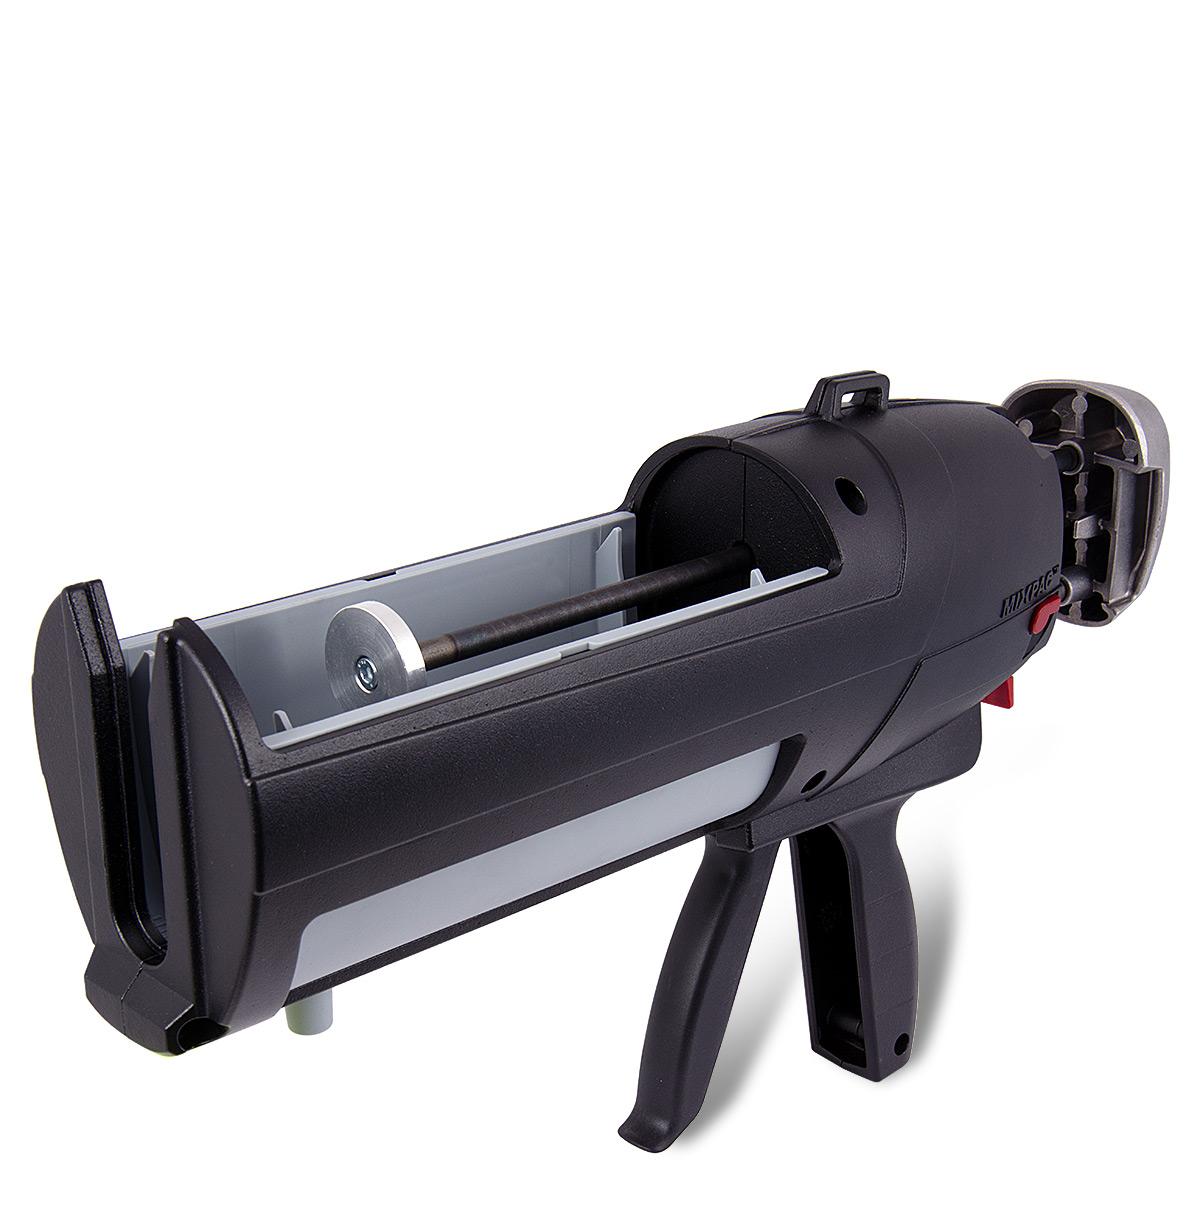 Metal gun 400 manual 1:1/2:1